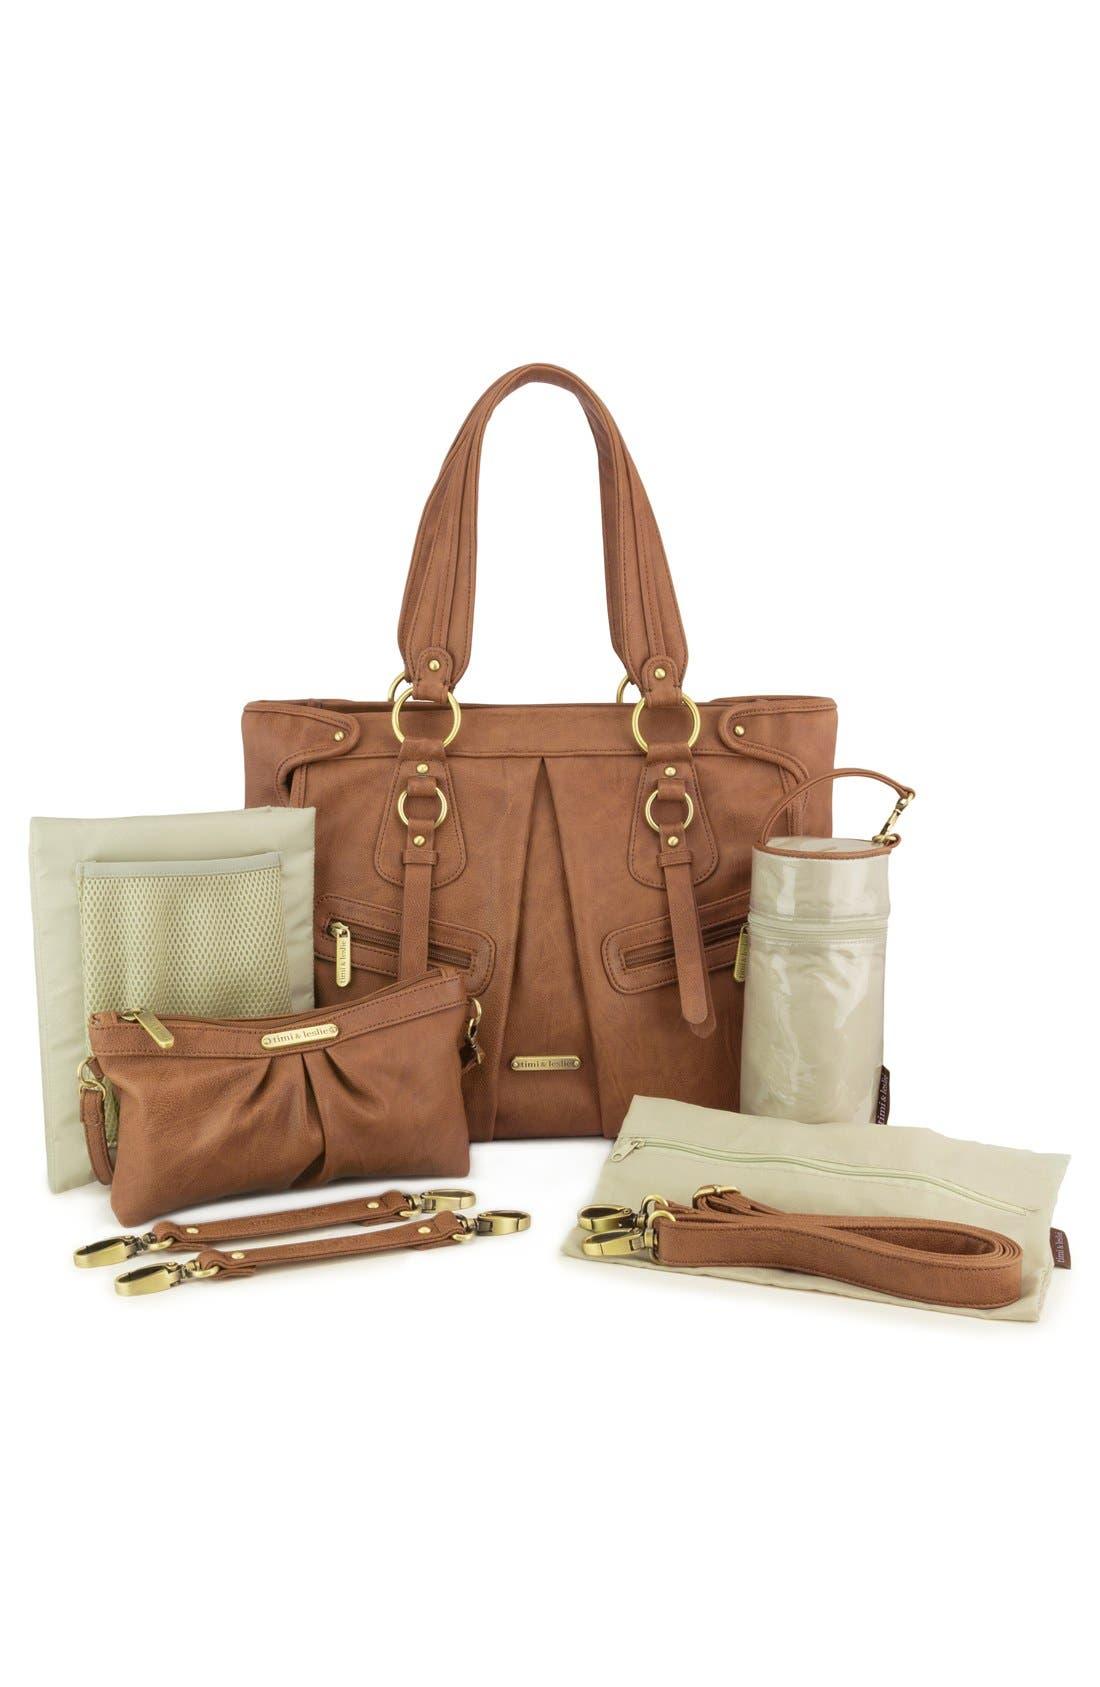 Alternate Image 1 Selected - Timi & Leslie 'Dawn' Diaper Bag